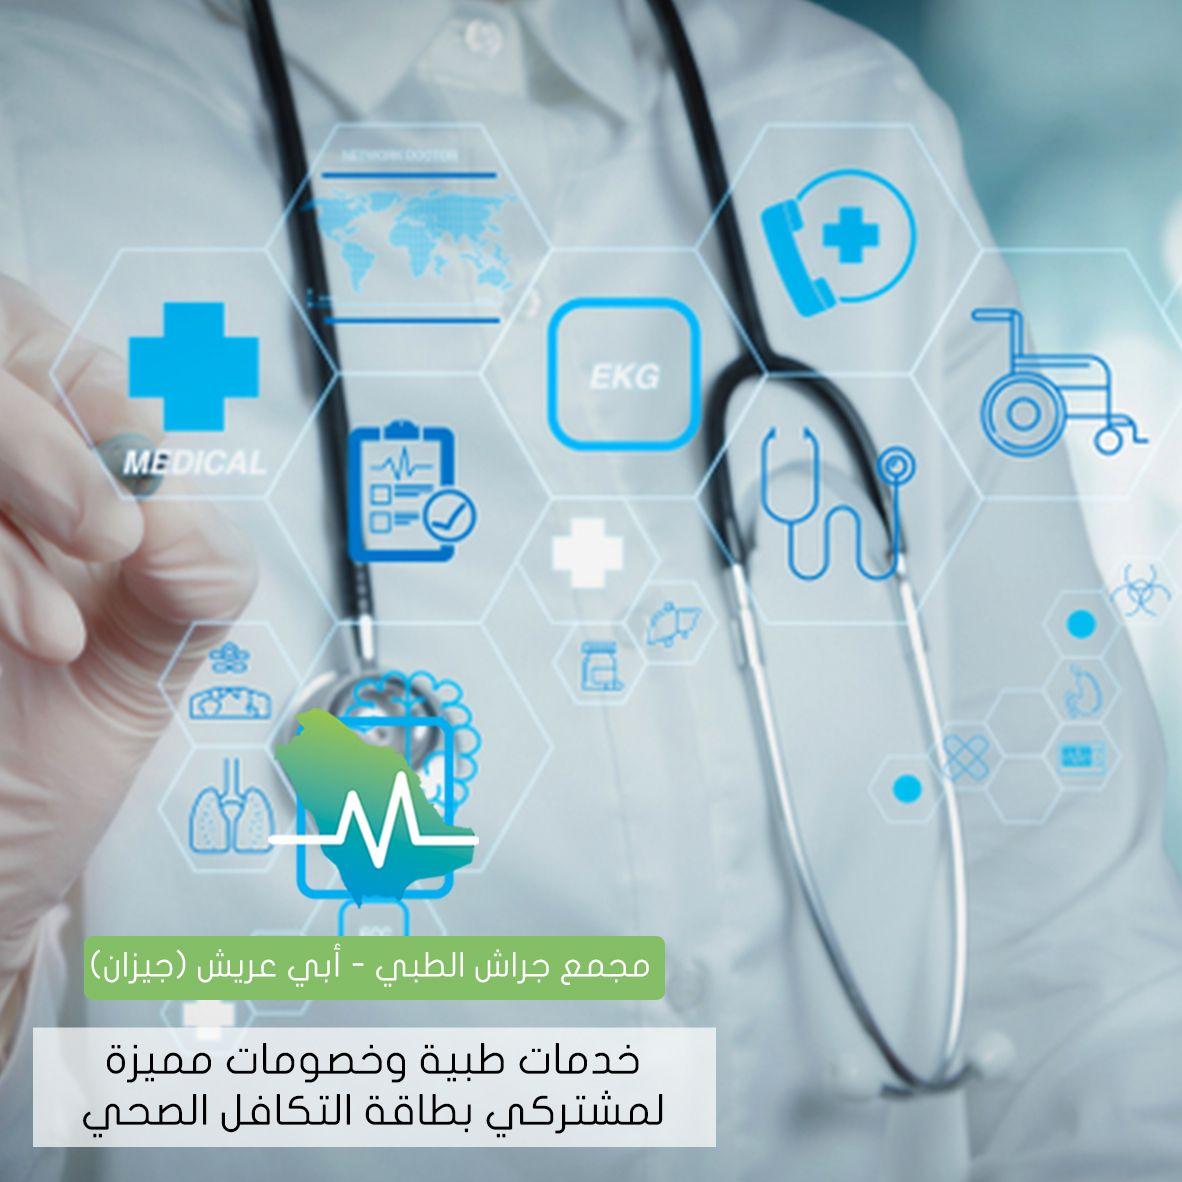 ولأن صحتك بالدنيا وفرنا لك خصومات طبية على بطاقة التكافلالصحي في مجمع جراش الطبي في أبيعريش في جازان م Electronic Health Records Ehealth Health Services